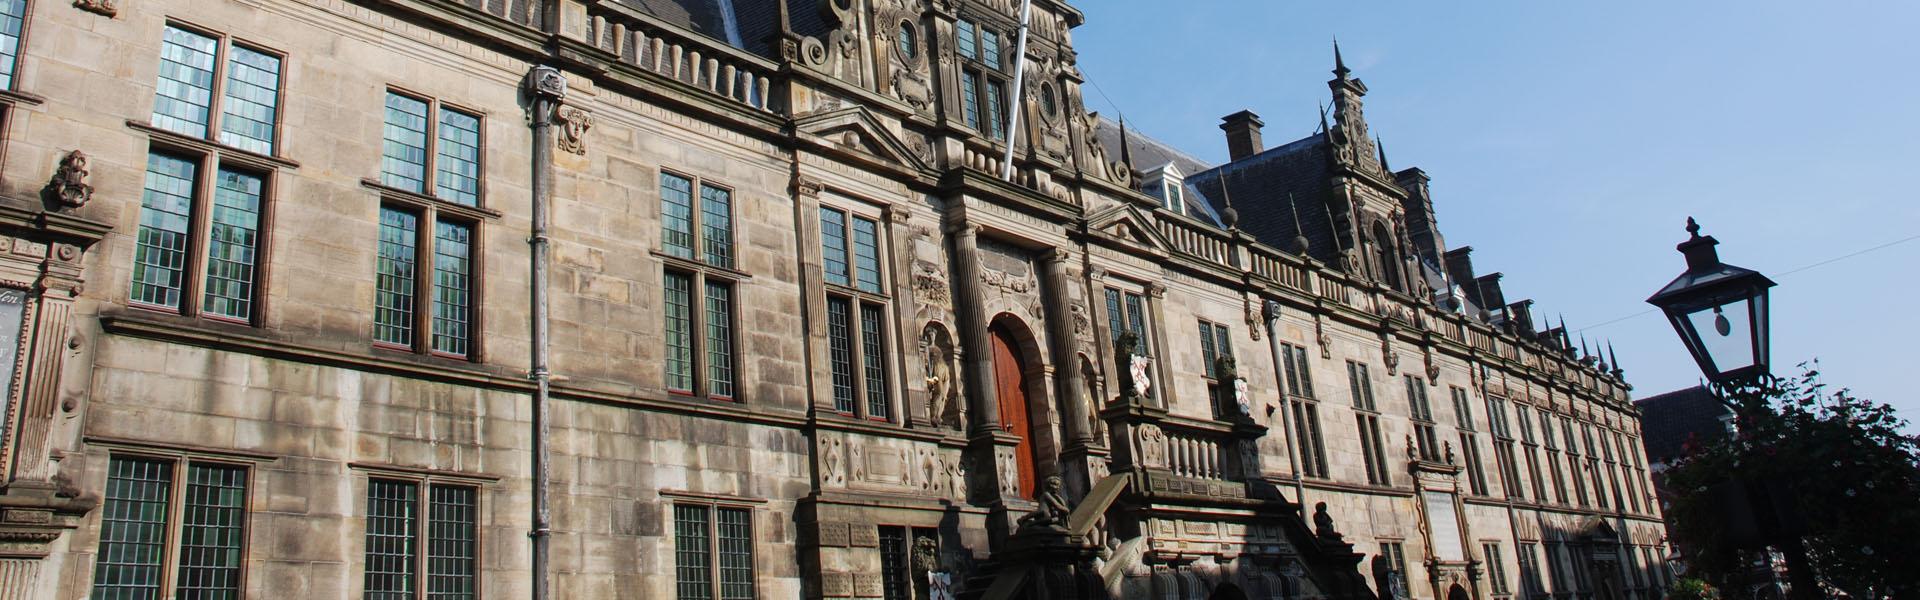 stadhuis gemeente leiden